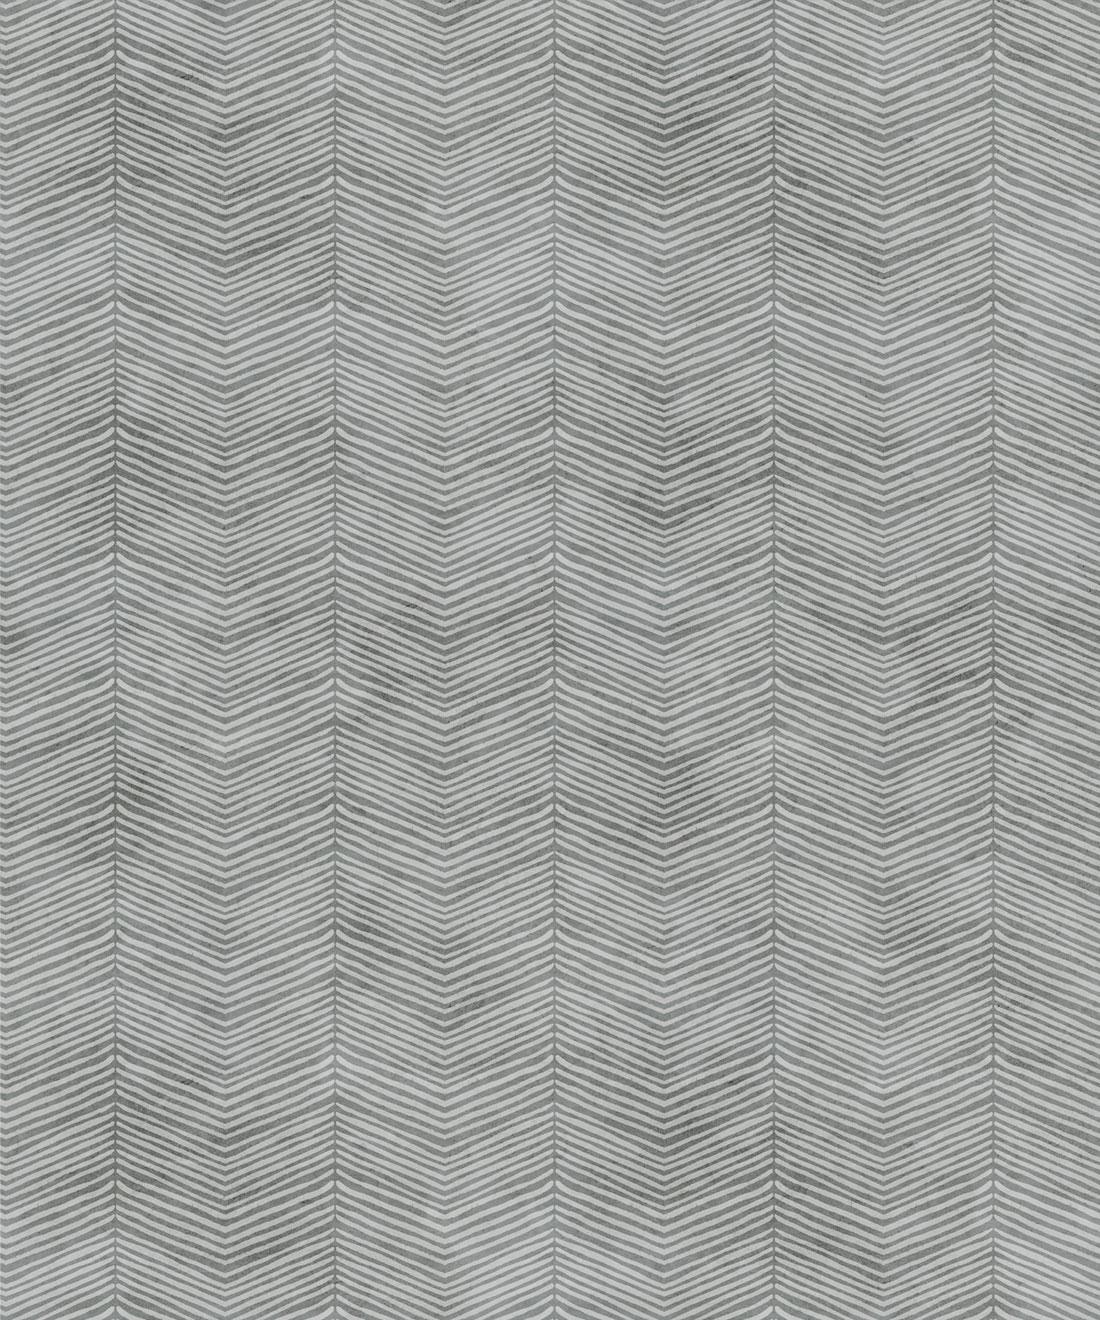 Herringbone Wallpaper Rustic Geometric Design Milton Amp King